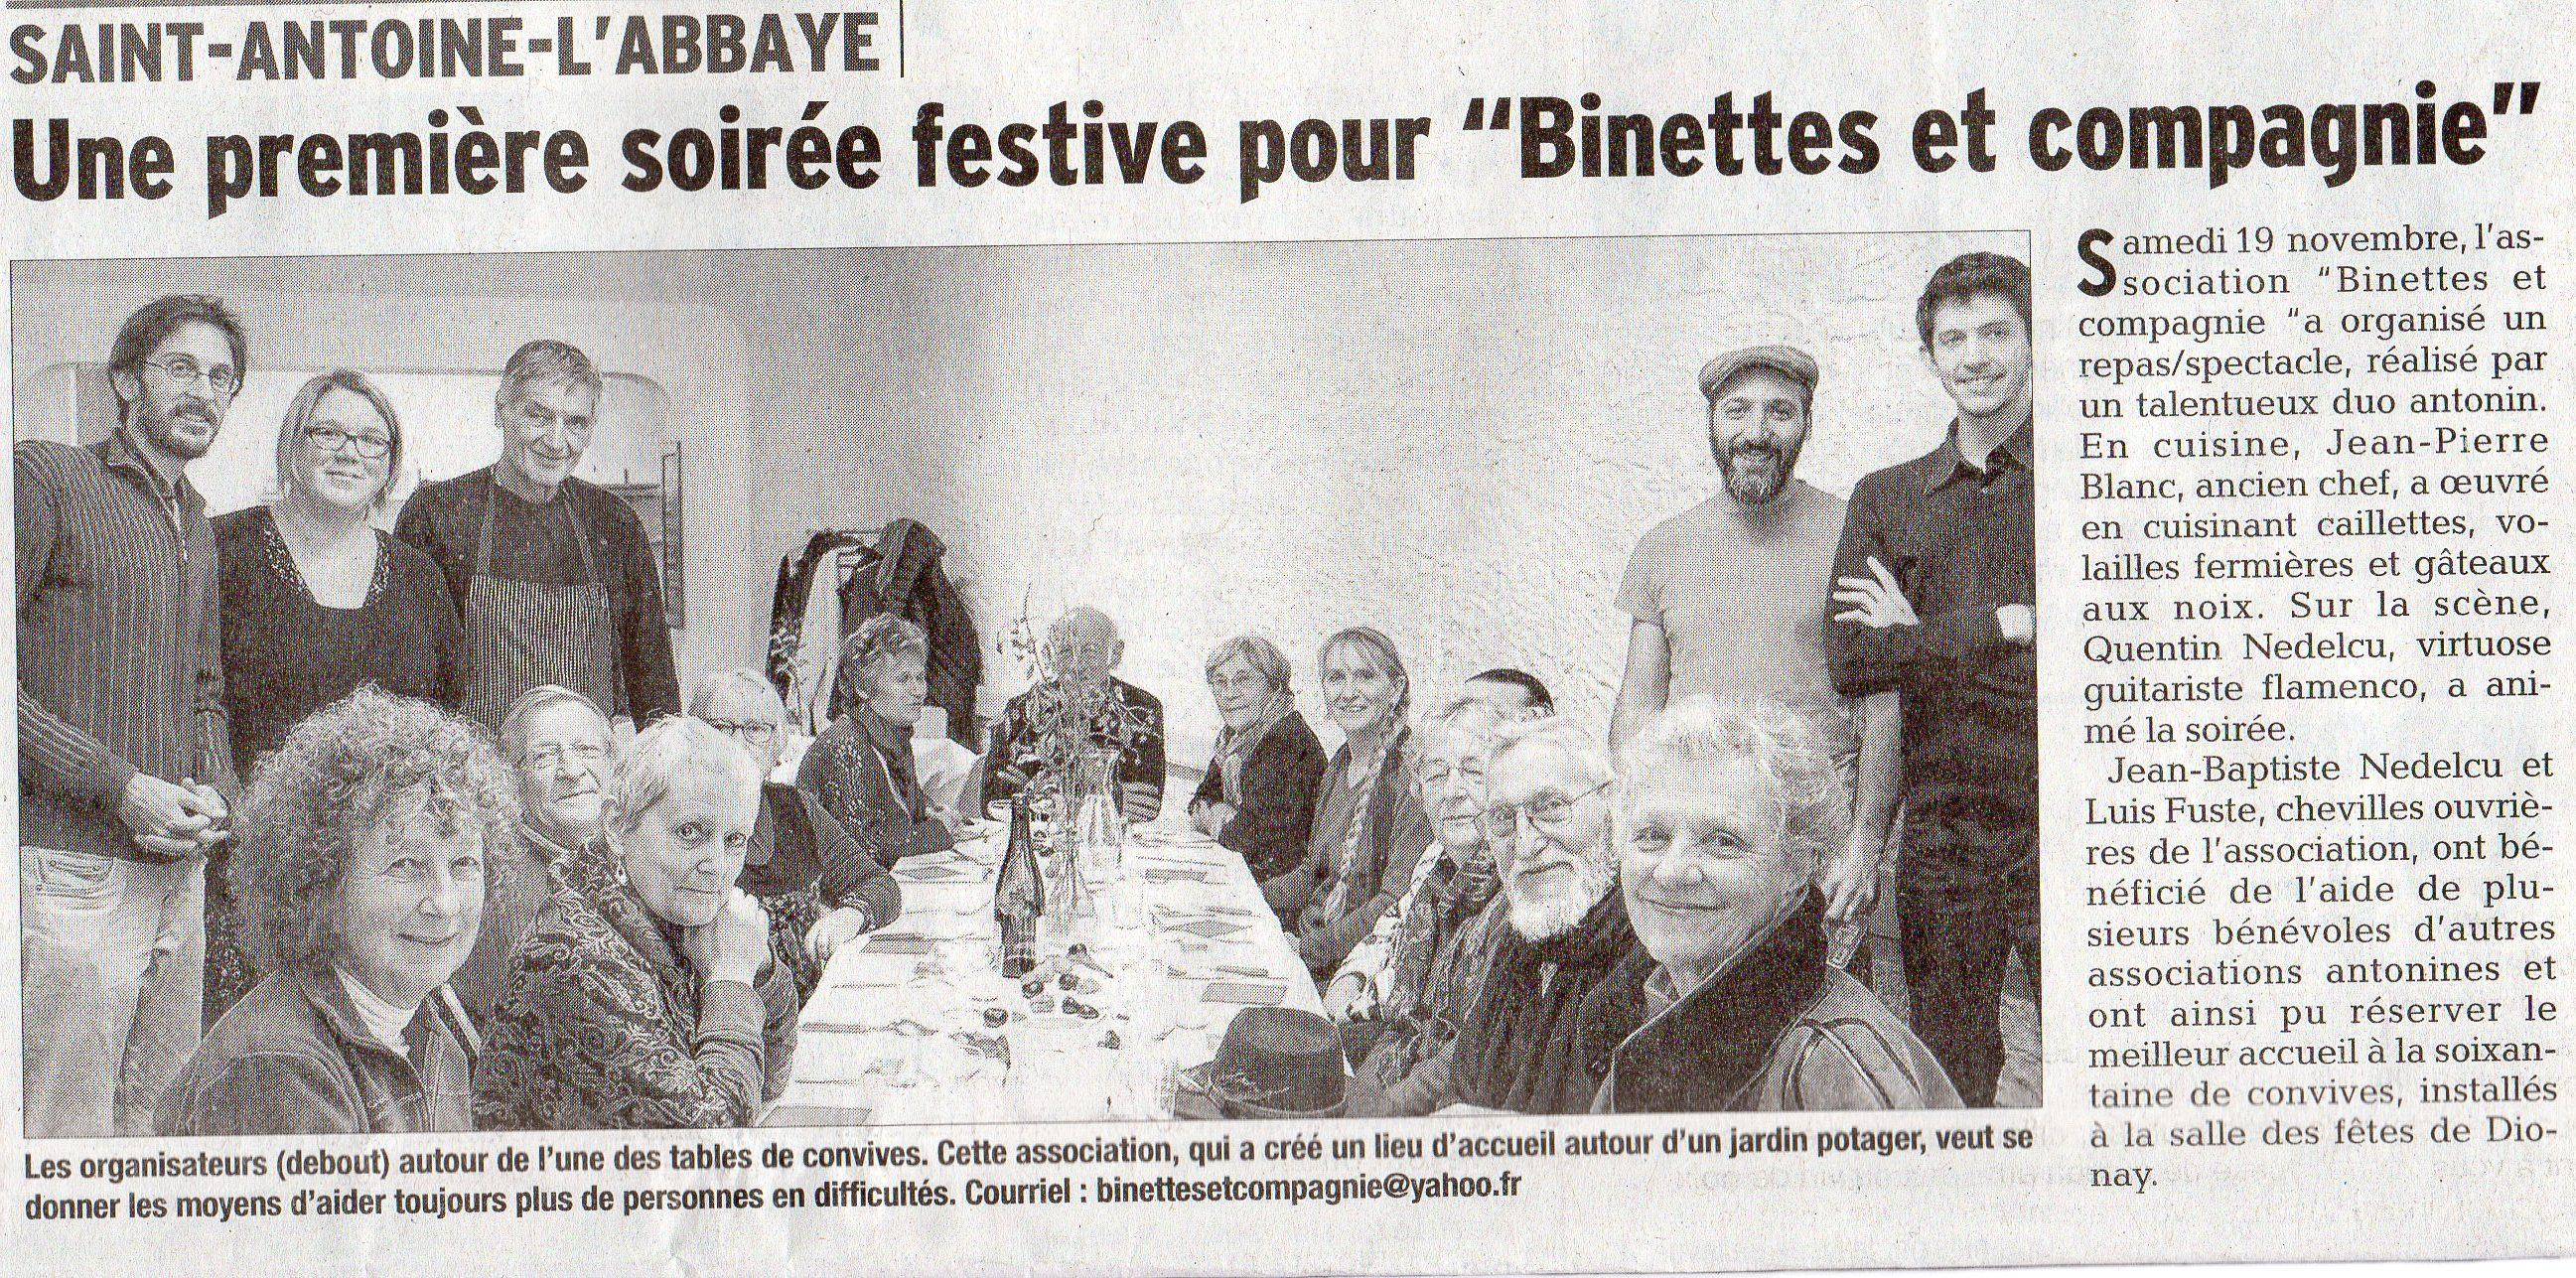 repas-dionnay-binette-et-compagnie-du-19-novembre-2016070